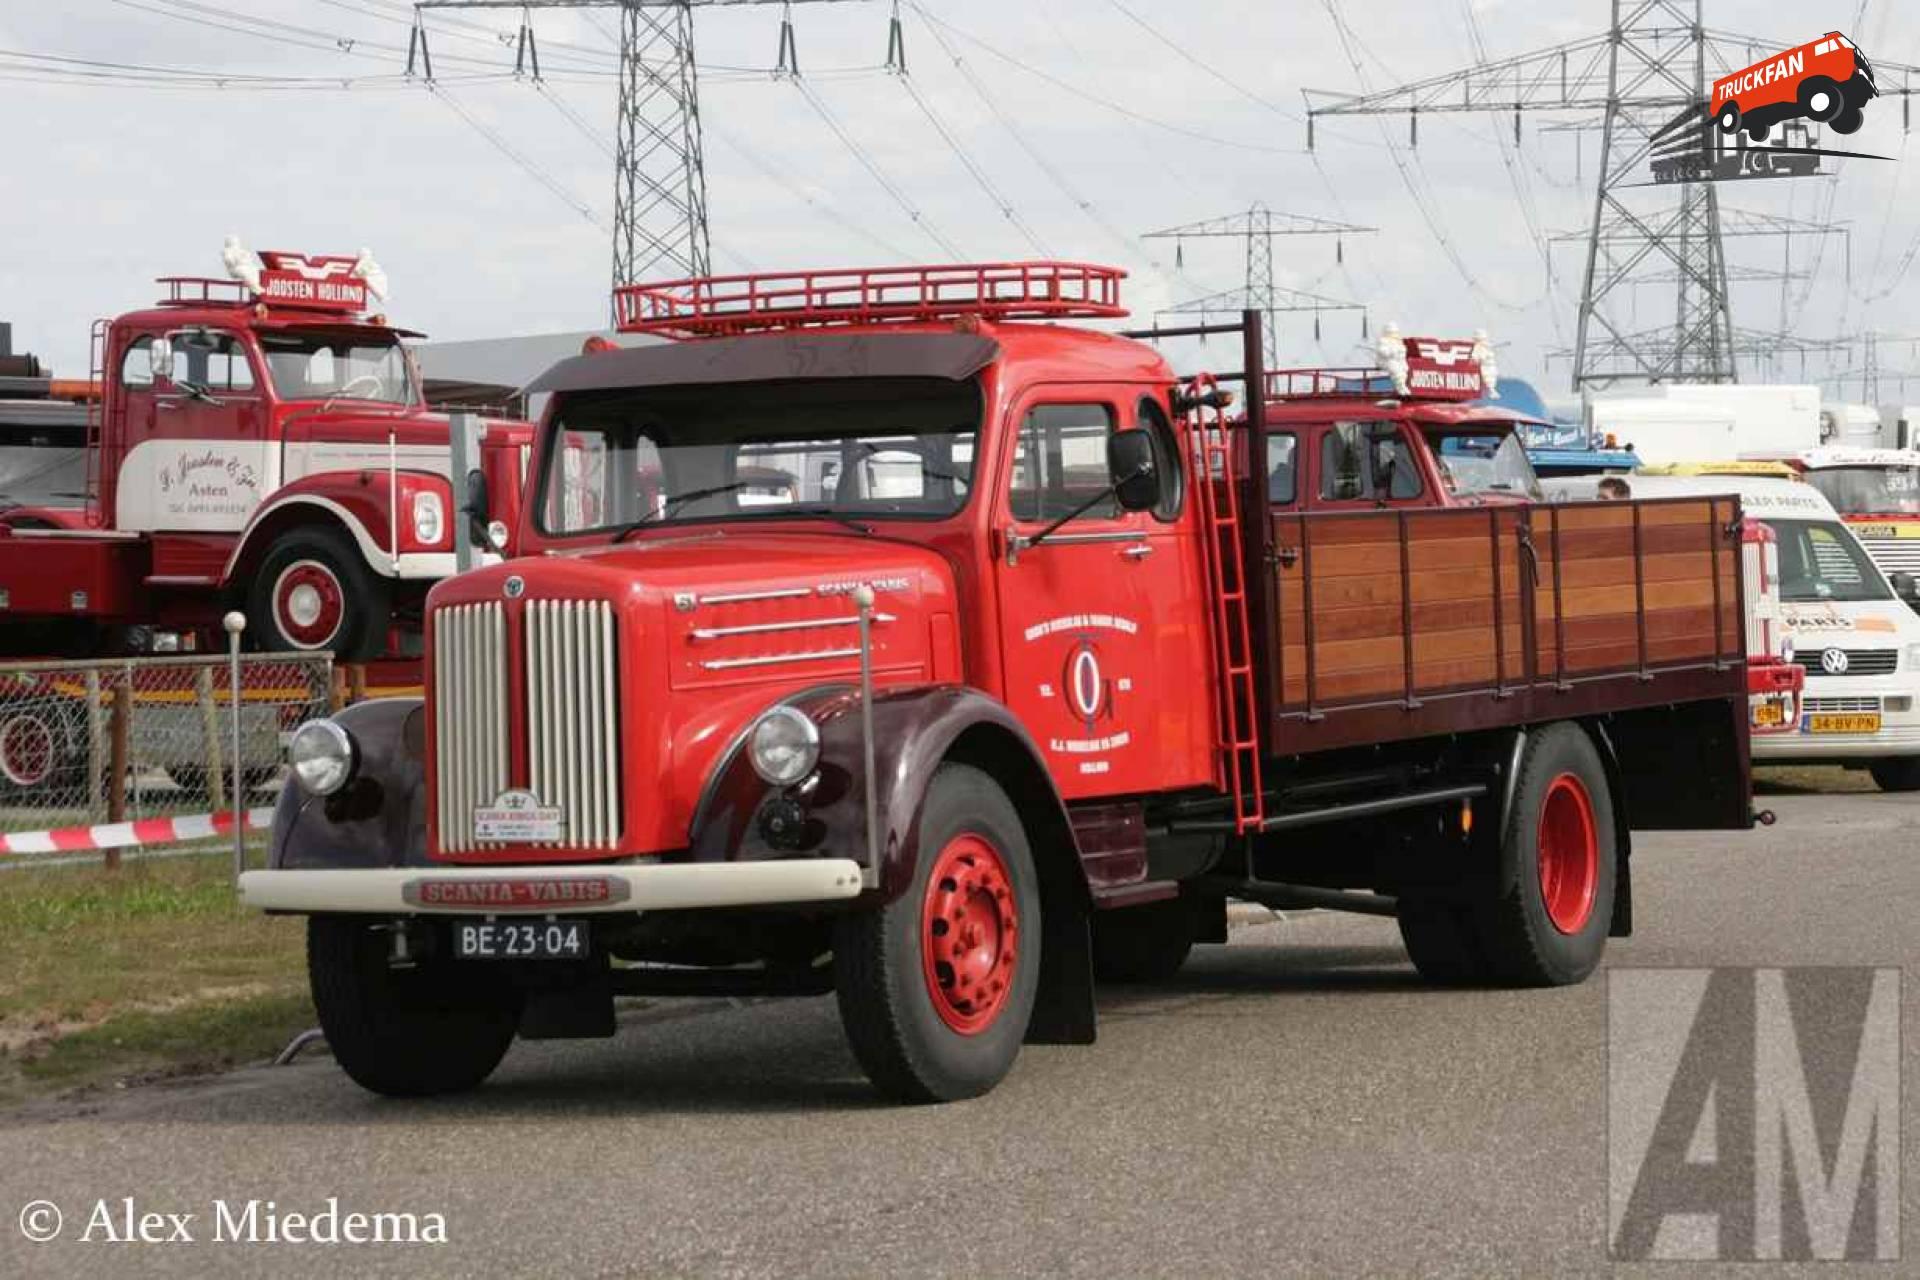 Scania-Vabis L51